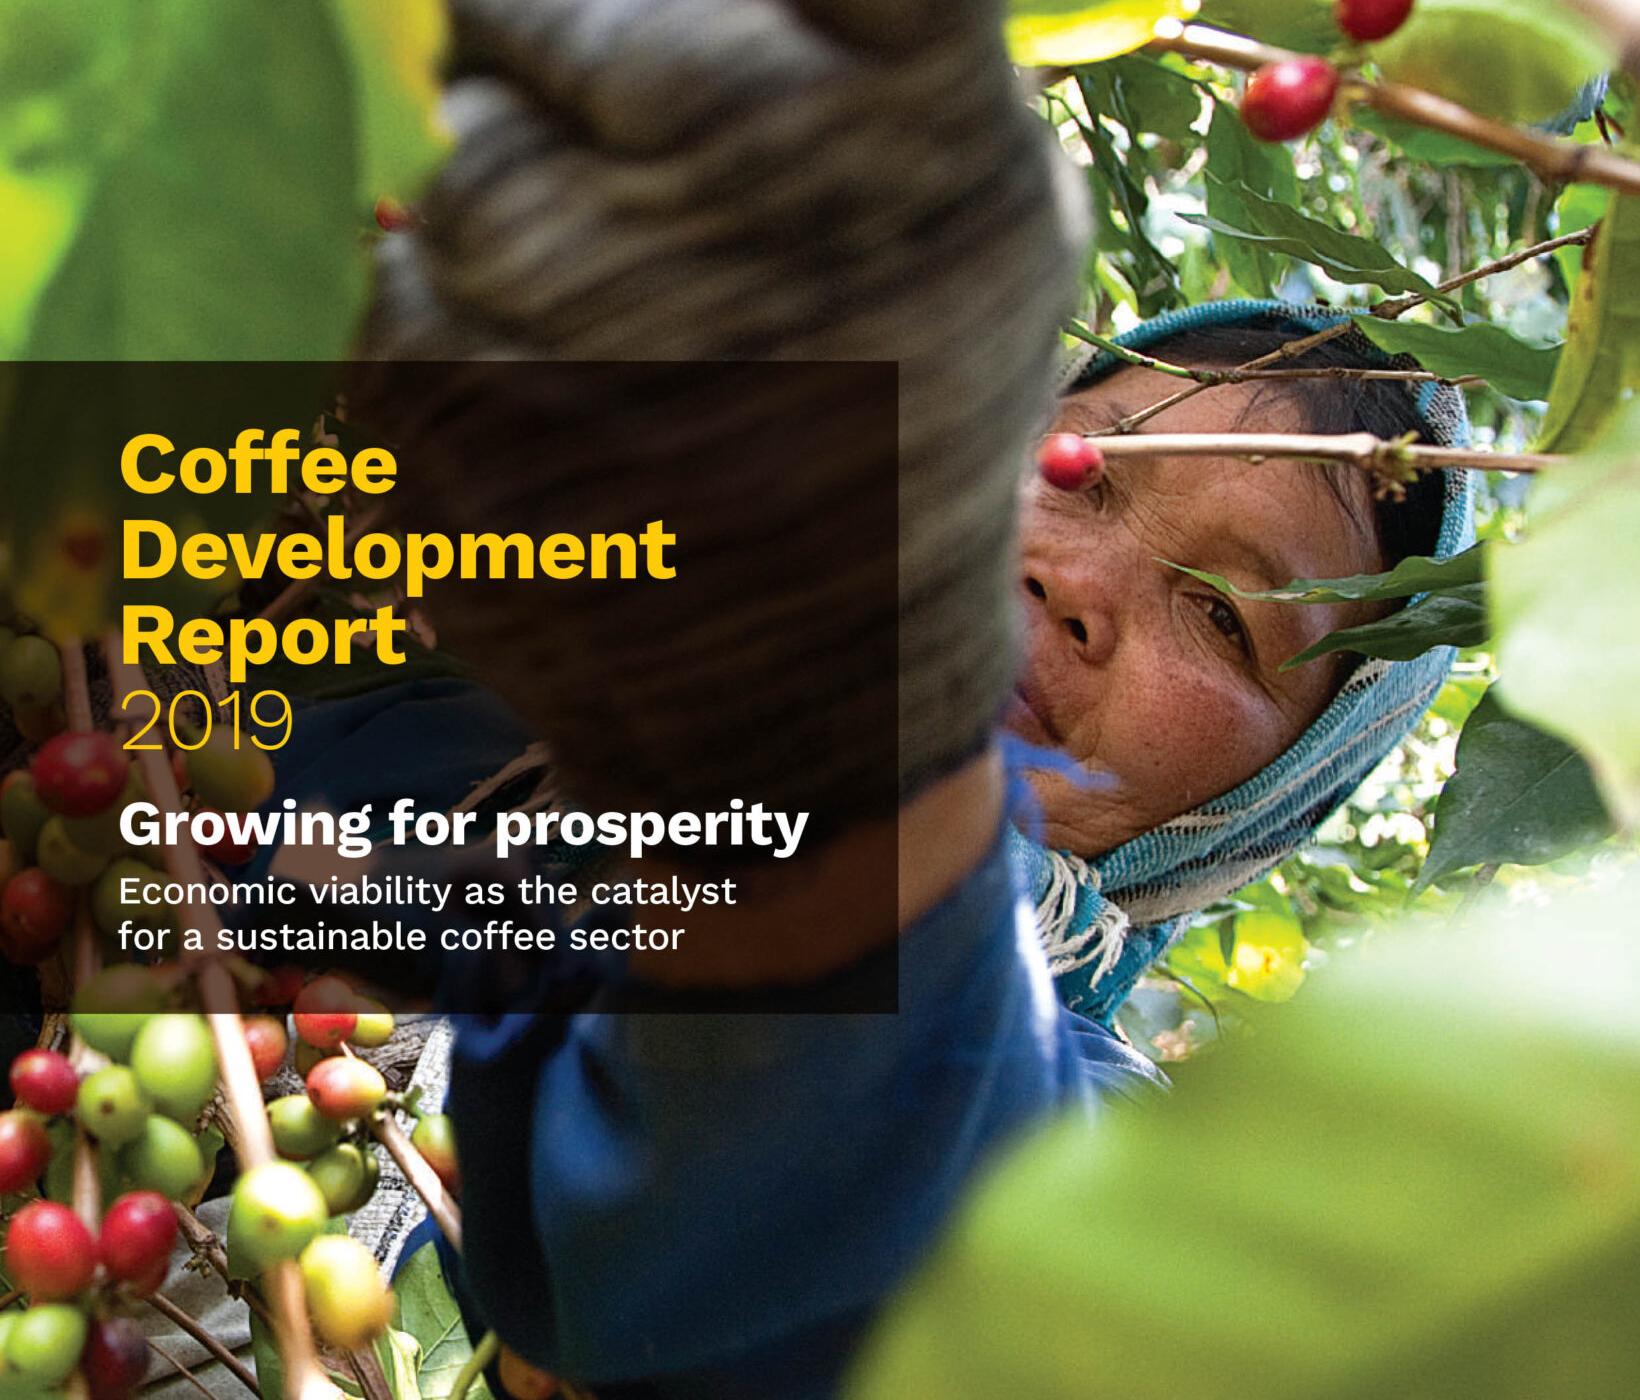 Отчет ICO о развитии мирового рынка кофе 2019-2030